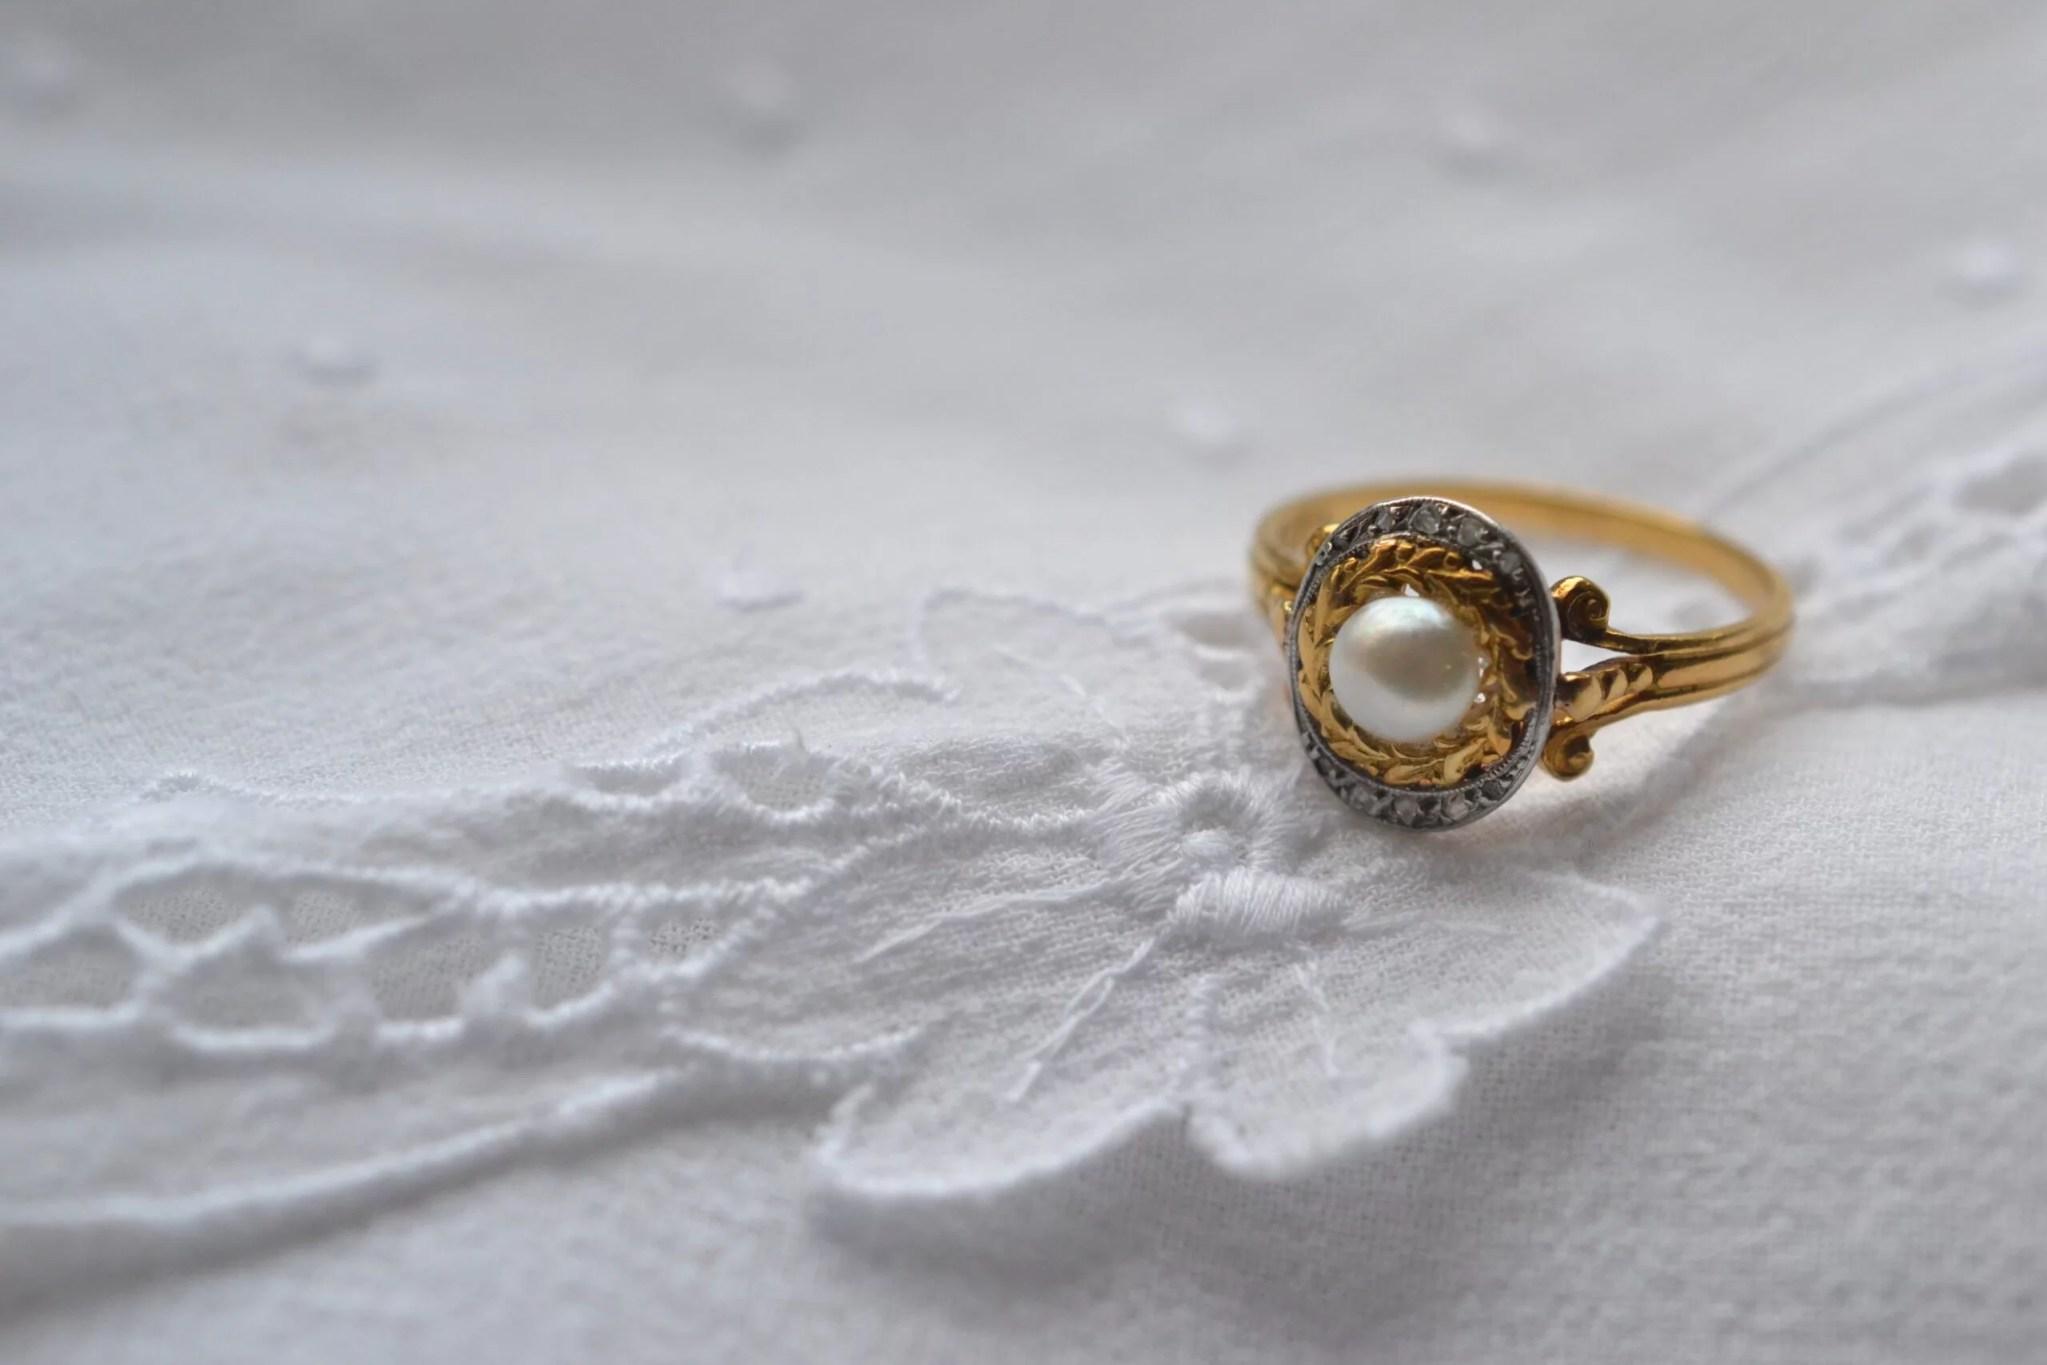 Bague Occasion En Or Jaune 18 Carats (750/1000), Sertie D'une Perle De Culture, Décor Ciselé à Motif De Feuilles